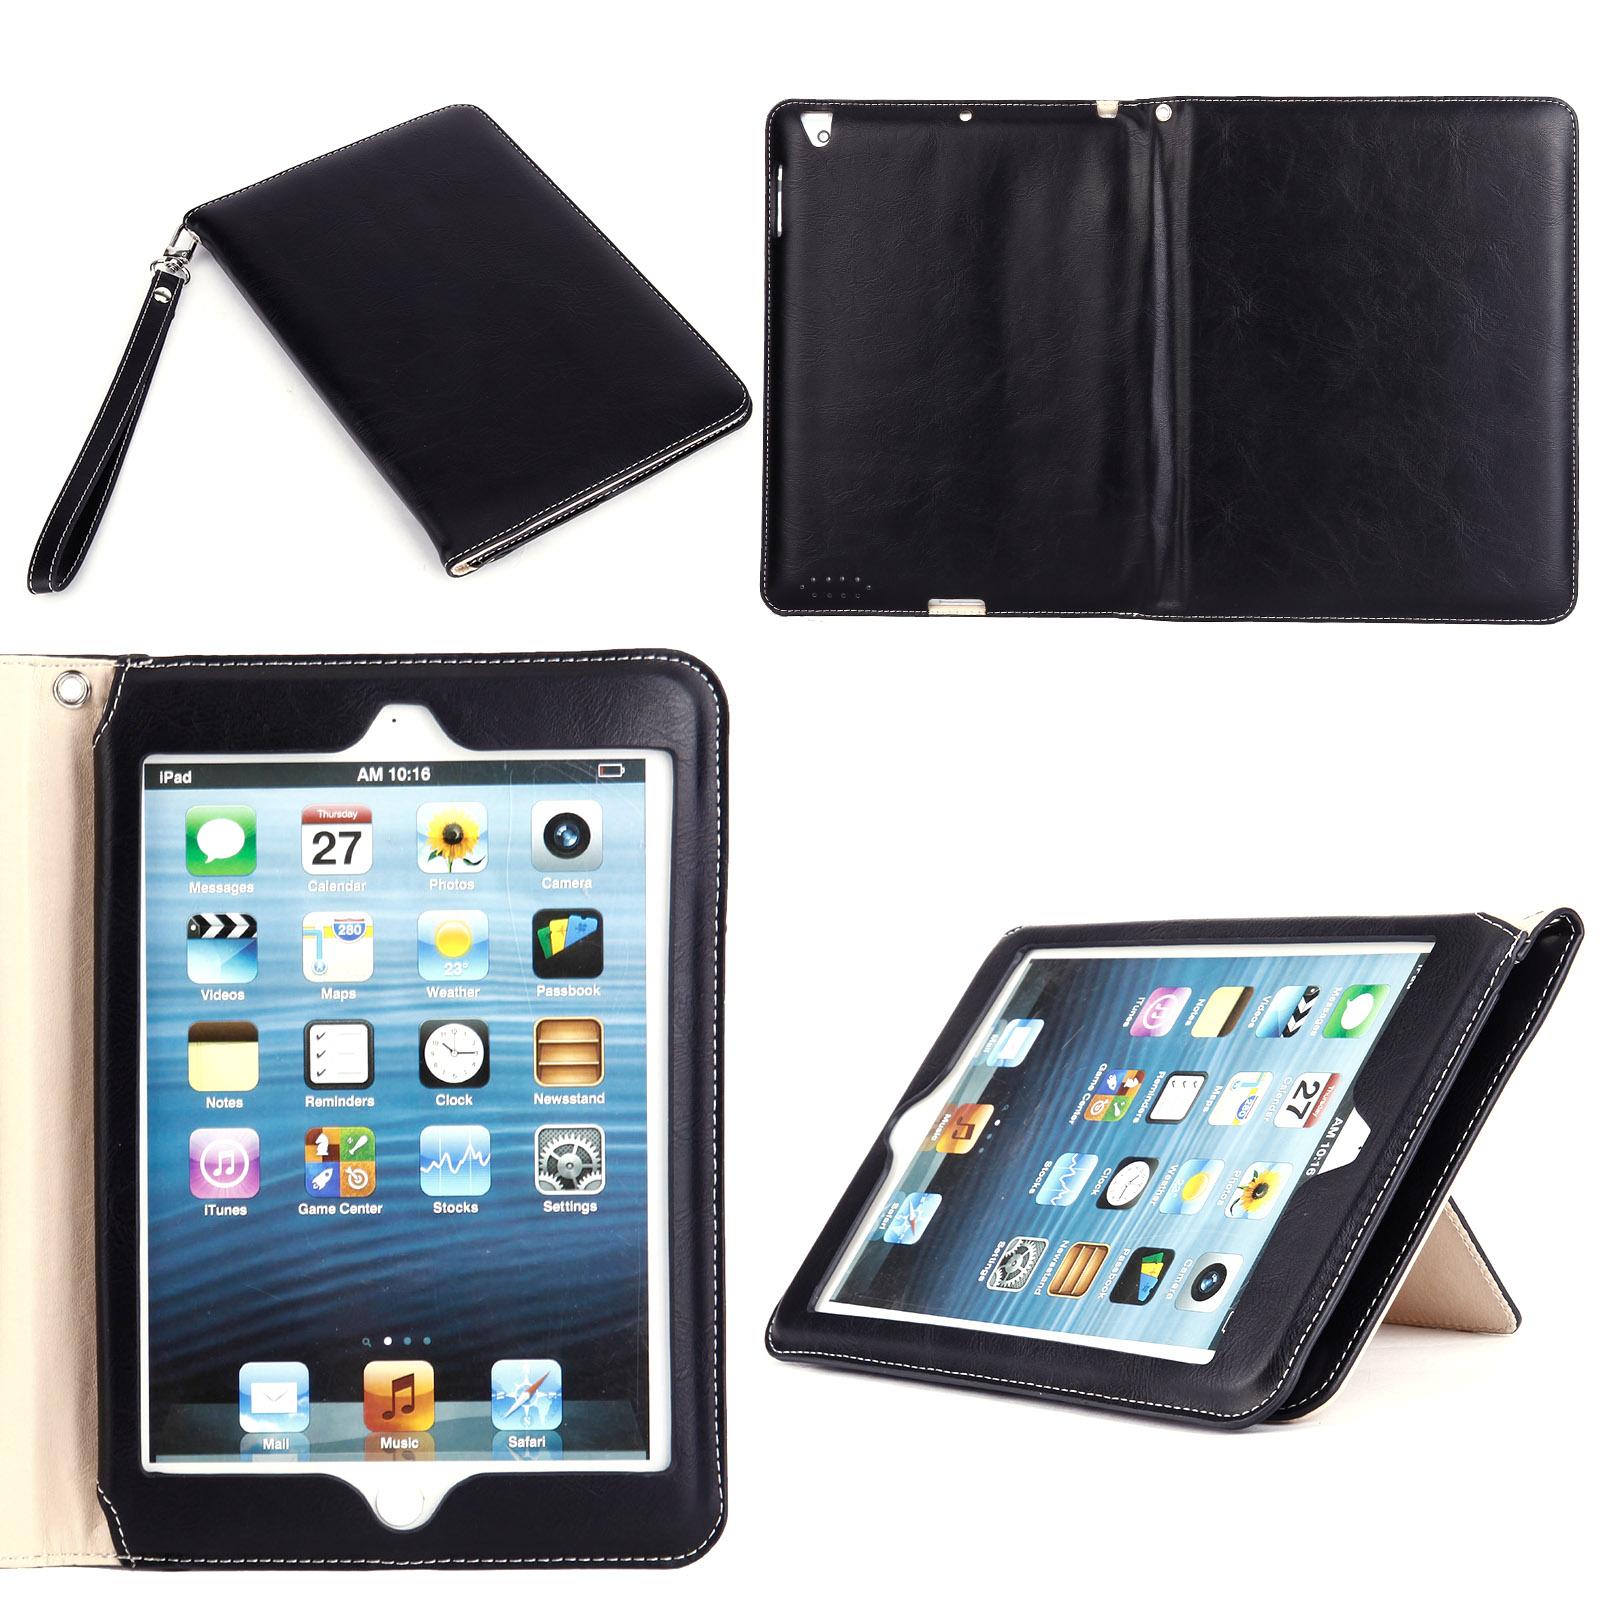 housse pochette pour ipad mini ipad pro ipad air noir brun violet avec ficelle ebay. Black Bedroom Furniture Sets. Home Design Ideas